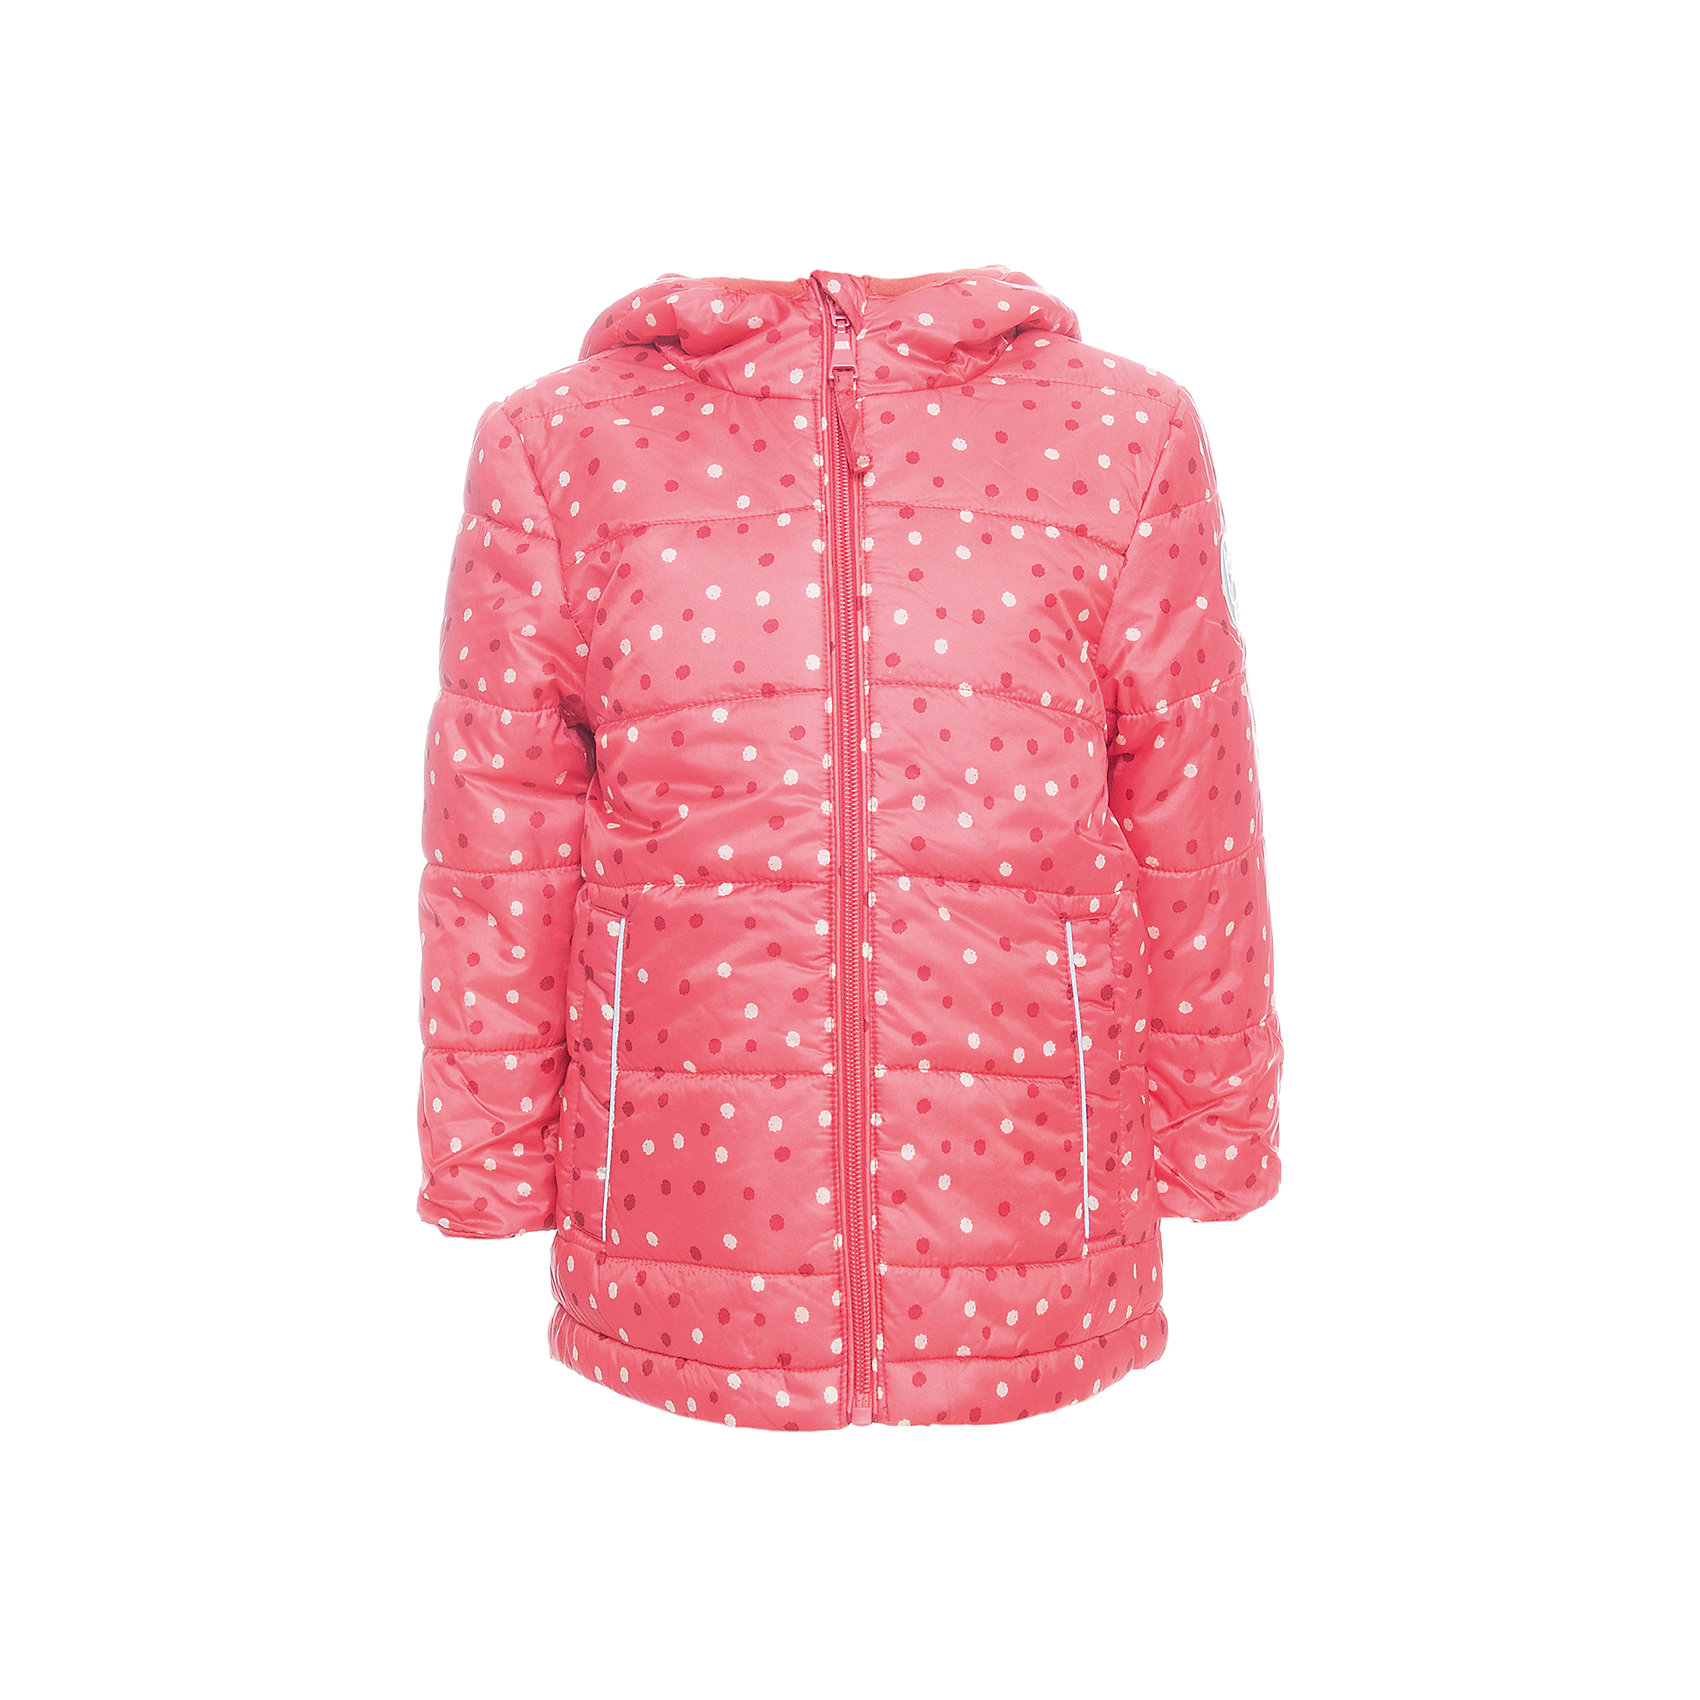 Куртка SELA для девочкиВерхняя одежда<br>Характеристики товара:<br><br>• цвет: розовый<br>• ткань верха: 100% полиэстер<br>• подкладка: 100% полиэстер<br>• утеплитель: 100% полиэстер<br>• сезон: демисезон<br>• температурный режим: от +5 до -10С<br>• особенности куртки: на молнии, стеганая<br>• капюшон: без меха, несъемный<br>• застежка: молния<br>• страна бренда: Исполиамидния<br>• страна изготовитель: Индия<br><br>Яркая куртка для девочки Mayoral дополнена удобным капюшоном и карманами. Детская куртка сшита из качественного материала. Демисезонная куртка создана специально для детей. Чтобы обеспечить ребенку тепло и комфорт можно надеть теплую куртку для девочки от Sela. <br><br>Куртку для девочки Sela (Села) можно купить в нашем интернет-магазине.<br><br>Ширина мм: 356<br>Глубина мм: 10<br>Высота мм: 245<br>Вес г: 519<br>Цвет: розовый<br>Возраст от месяцев: 60<br>Возраст до месяцев: 72<br>Пол: Женский<br>Возраст: Детский<br>Размер: 116,98,104,110<br>SKU: 7032272